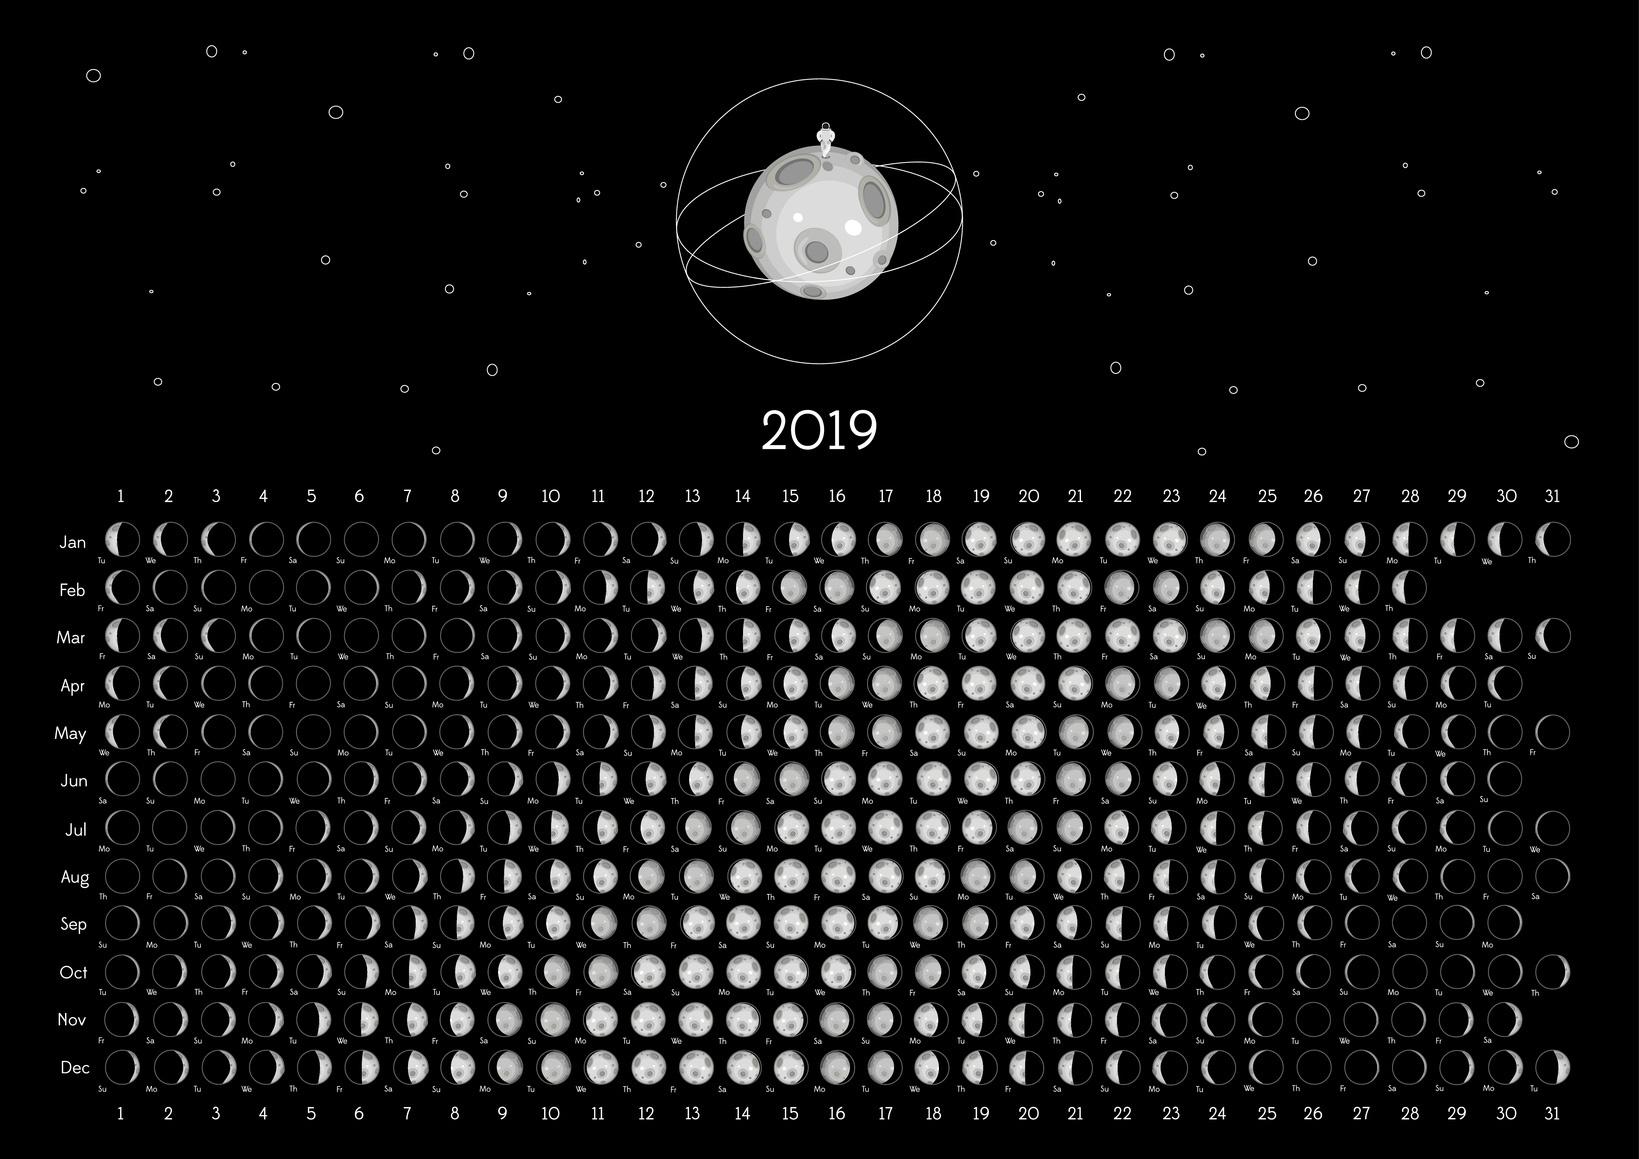 Auf diesem Kalender könnt Ihr die Mondphasen ablesen und so Eure Fangstrategie danach ausrichten.